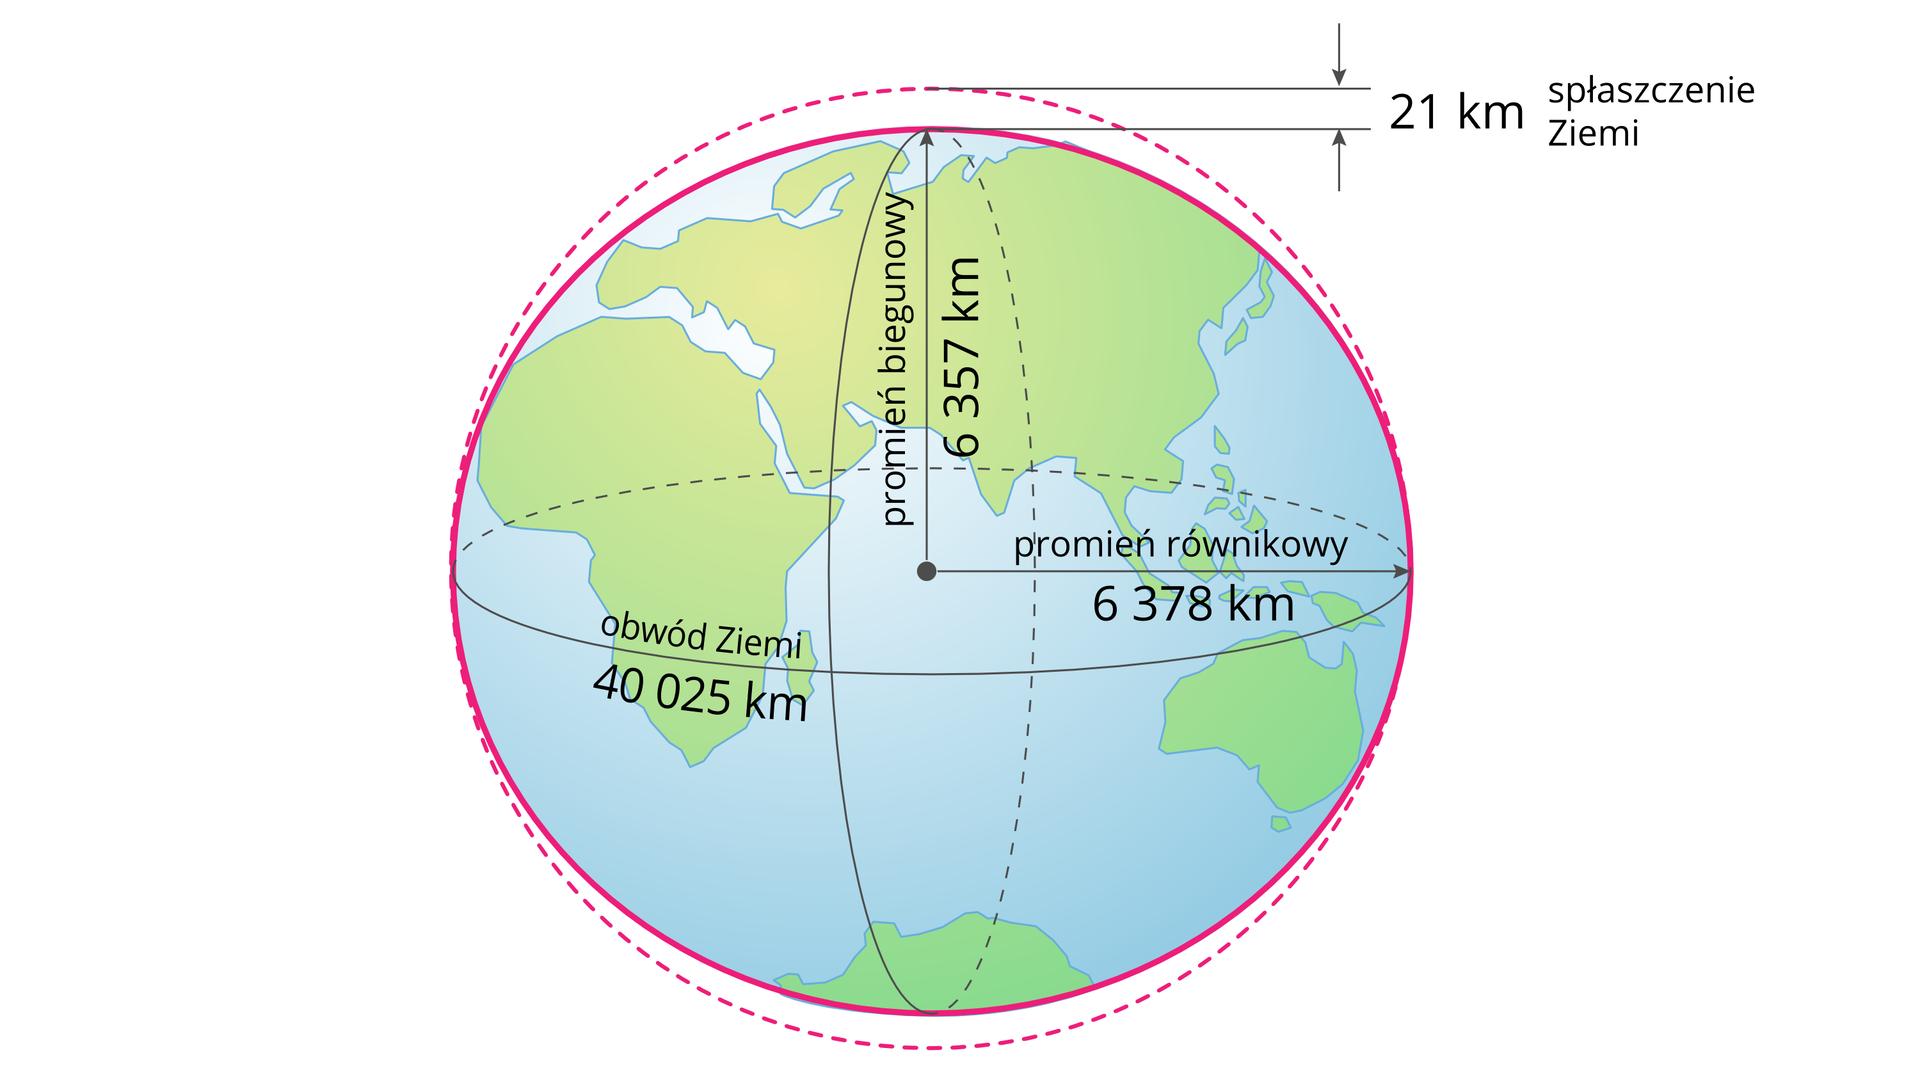 Ilustracja przedstawia kulę ziemską. Na jej powierzchni zaznaczone zostały kontynenty. Kula podzielona jest na dwie równe połowy. Pozioma strzałka wskazuje promień Ziemi od środka do równika. Strzałka ma grot, który dotyka równika. Promień równikowy wynosi sześć tysięcy trzysta siedemdziesiąt osiem kilometrów. Pionowa strzałka wskazuje promień od środka Ziemi do bieguna, opisany jako promień biegunowy, który wynosi sześć tysięcy trzysta pięćdziesiąt siedem kilometrów. Szara linia wokół Ziemi to równik ijednocześnie obwód Ziemi. Obwód Ziemi to czterdzieści tysięcy dwadzieścia pięć kilometrów. Wokół Ziemi linią przerywaną narysowano okrąg, zktórym Ziemia styka się tylko wmiejscach, gdzie przebiega równik. Przy biegunach Ziemia odstaje od okręgu do wewnątrz, jest spłaszczona. Dlatego jej kształt przypomina elipsoidę. Na górze ilustracji znajdują się dwie poziome linie. Dolna styka się zkonturem Ziemi wmiejscu bieguna północnego. Górna, równoległa, oparta jest na okręgu. Odległość między północnym biegunem Ziemi iokręgiem to dwadzieścia jeden kilometrów. Otaką wielkość Ziemia jest spłaszczona na biegunach.